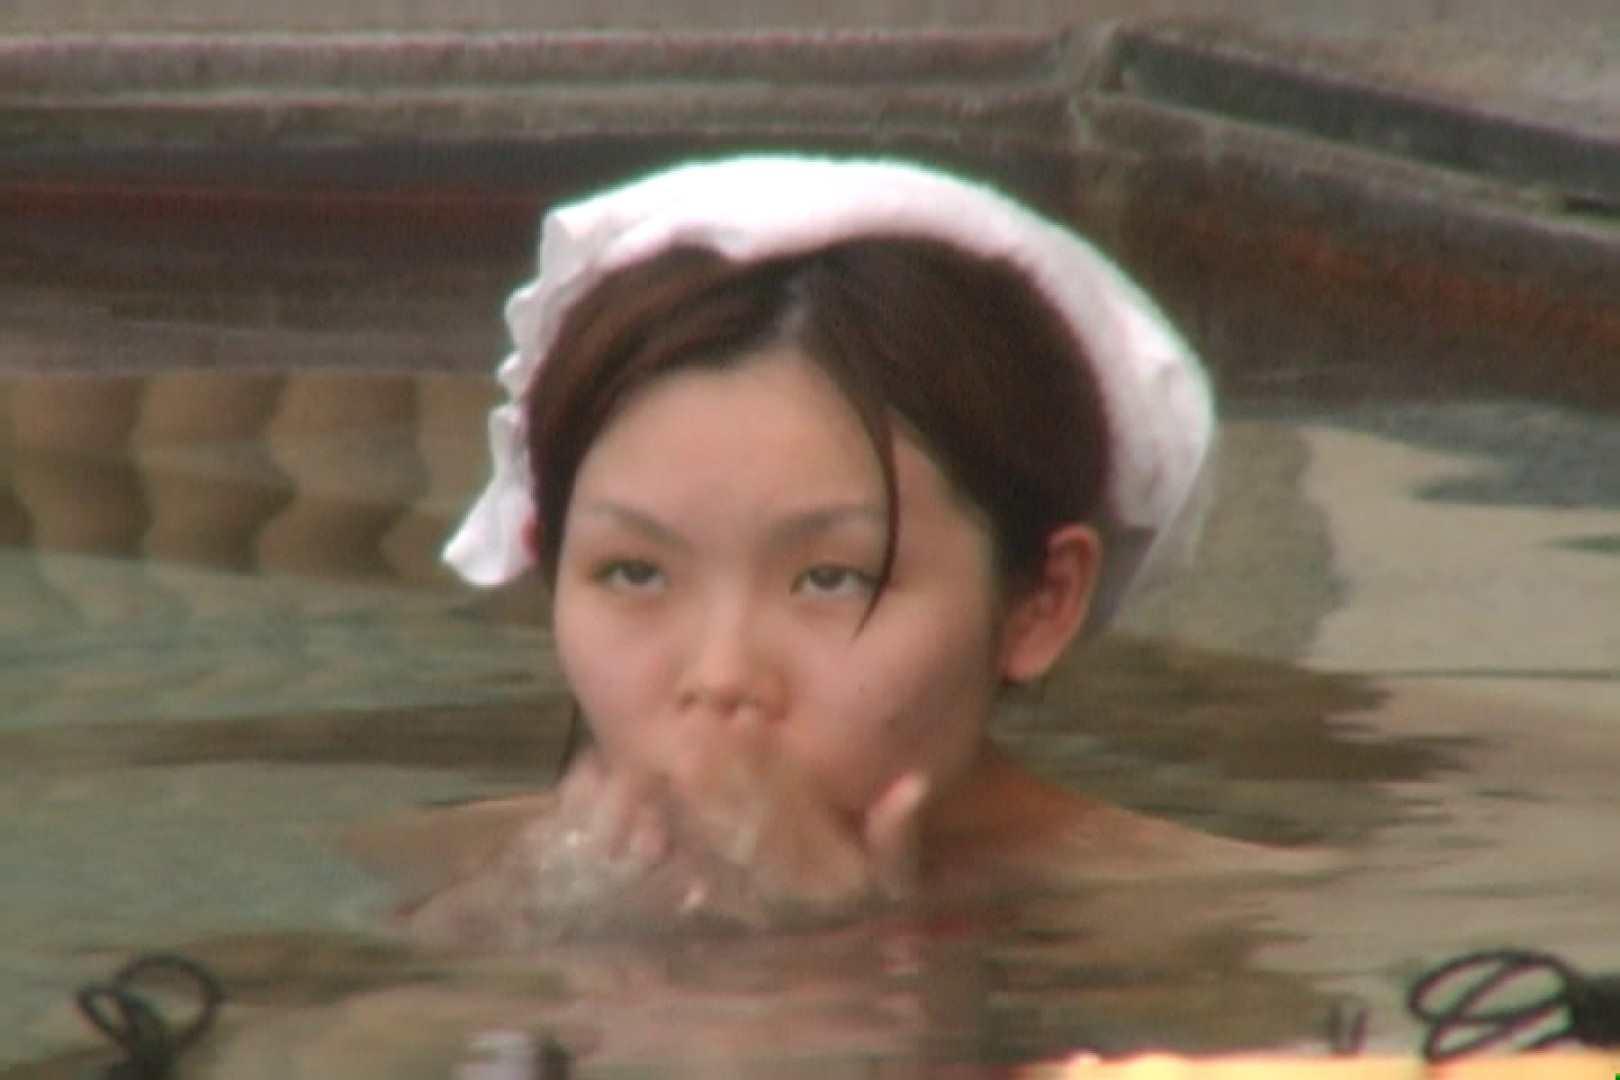 Aquaな露天風呂Vol.580 0   0  103pic 23